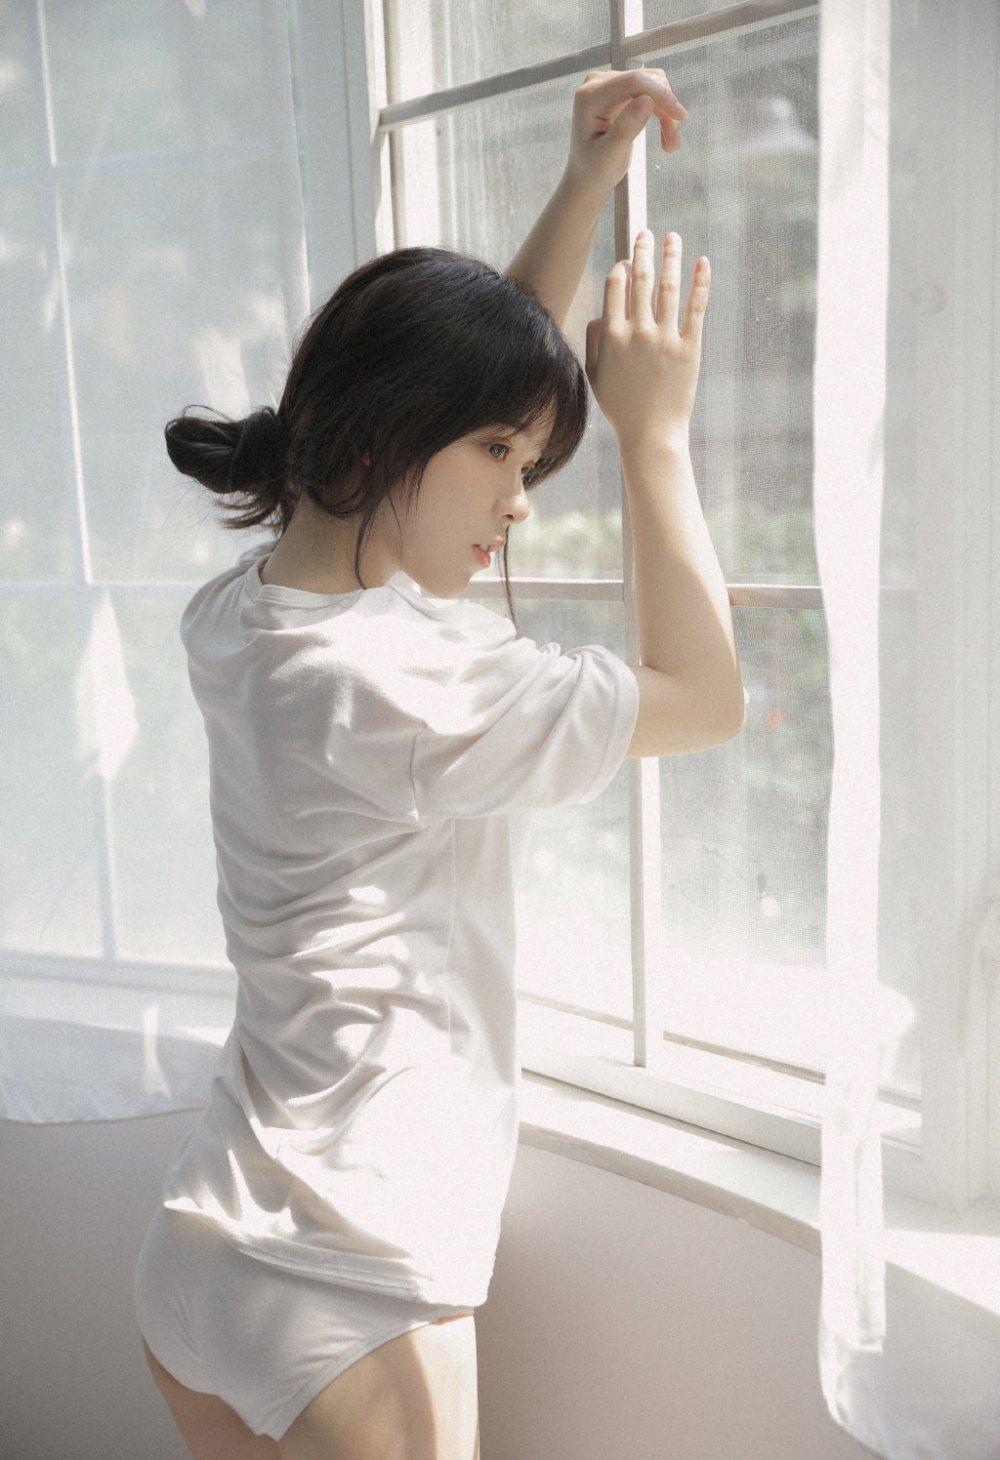 白T恤美女清新淡雅清纯可爱私房写真